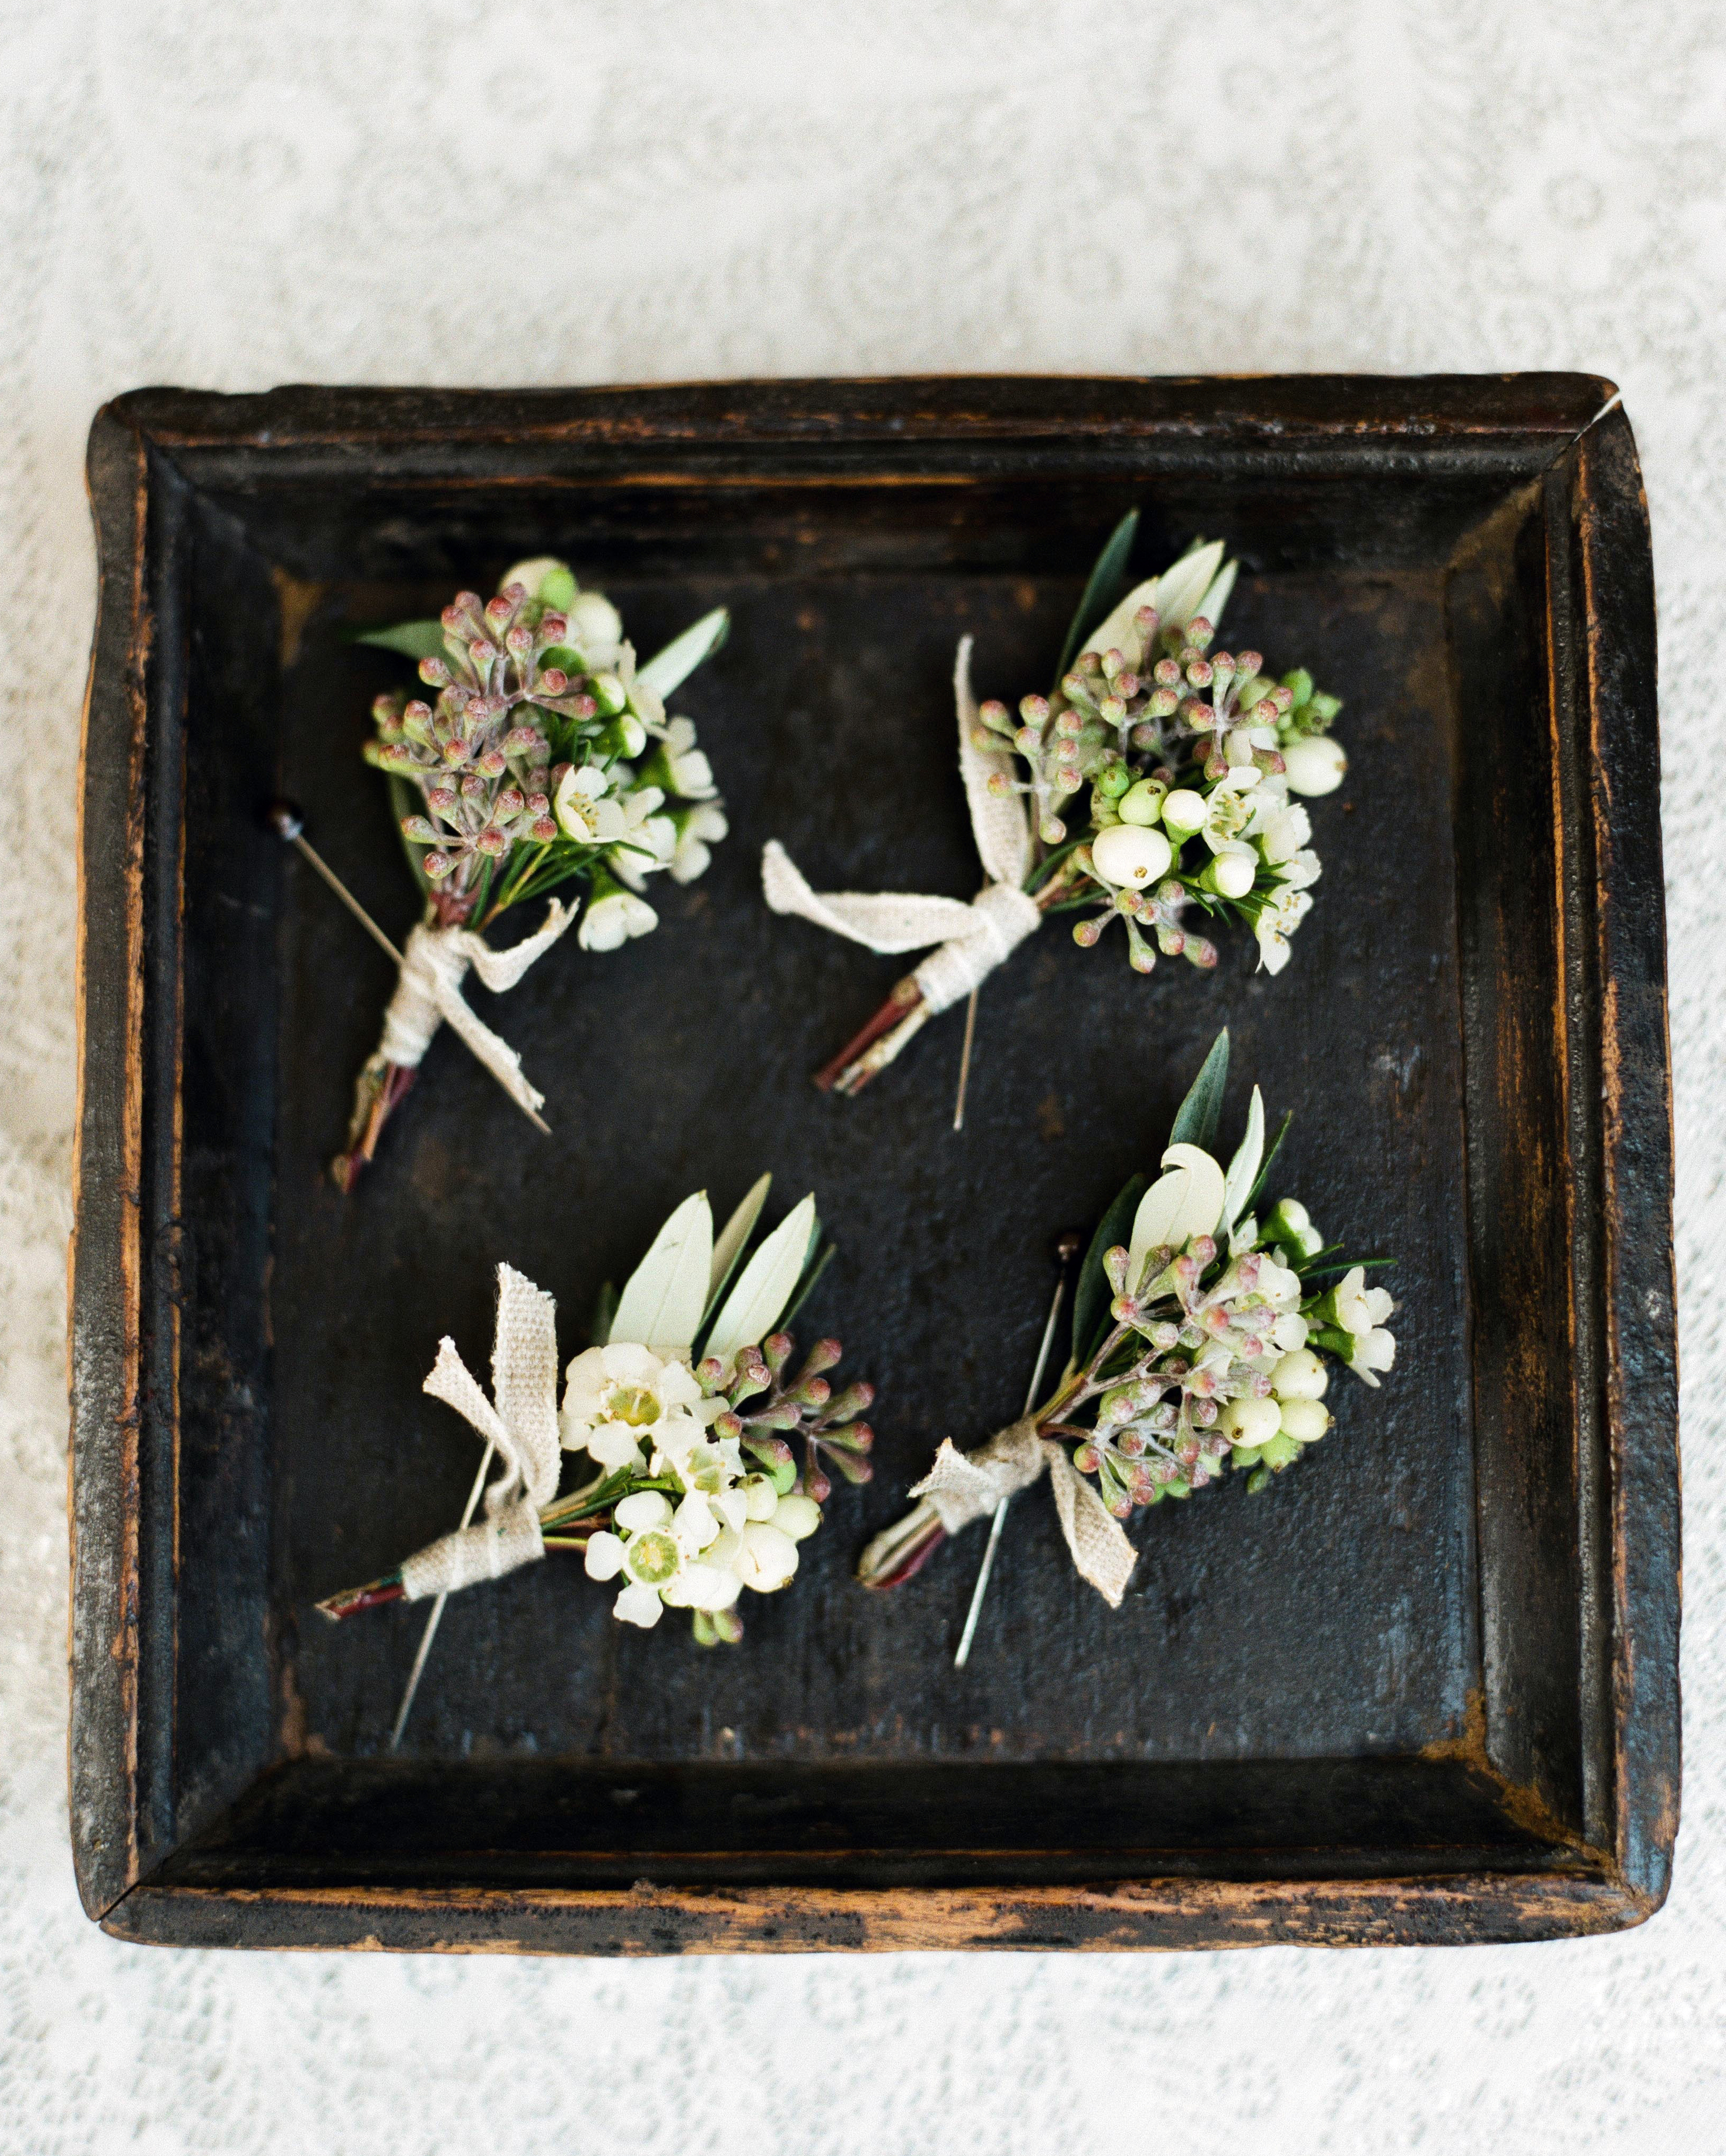 regina-jack-wedding-boutonnieres-20-s111820-0215.jpg